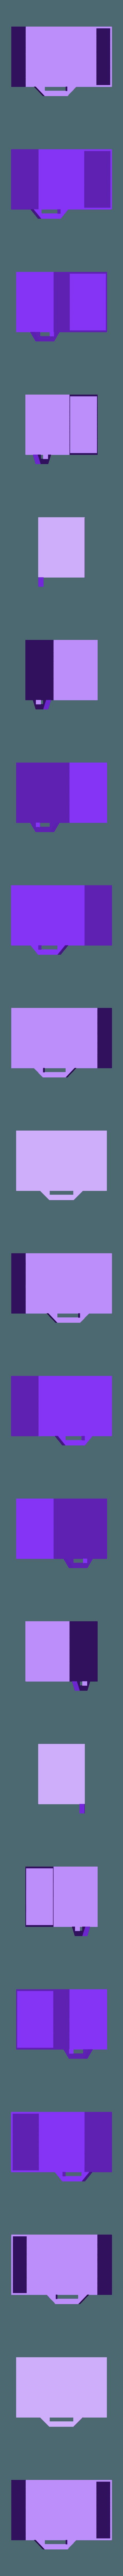 drawer_15x8.stl Télécharger fichier STL gratuit Support de système de stockage multi-box • Modèle pour imprimante 3D, vmi